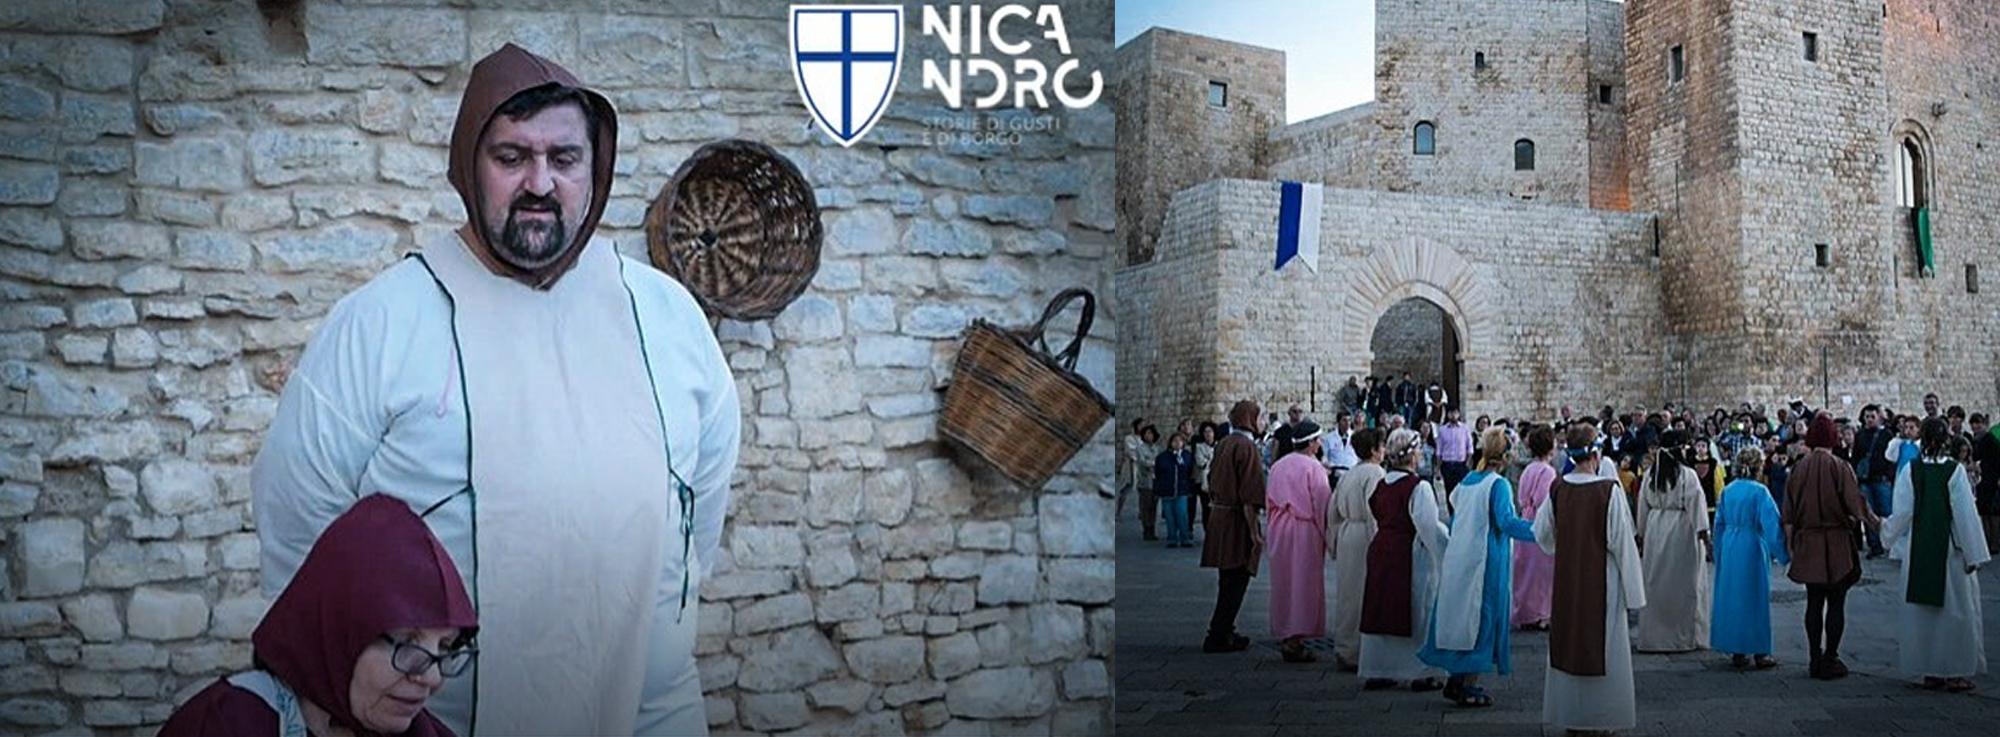 Sannicandro di Bari: Nicandro 2019 Giornata Medievale – Storie di Gusti e Borgo